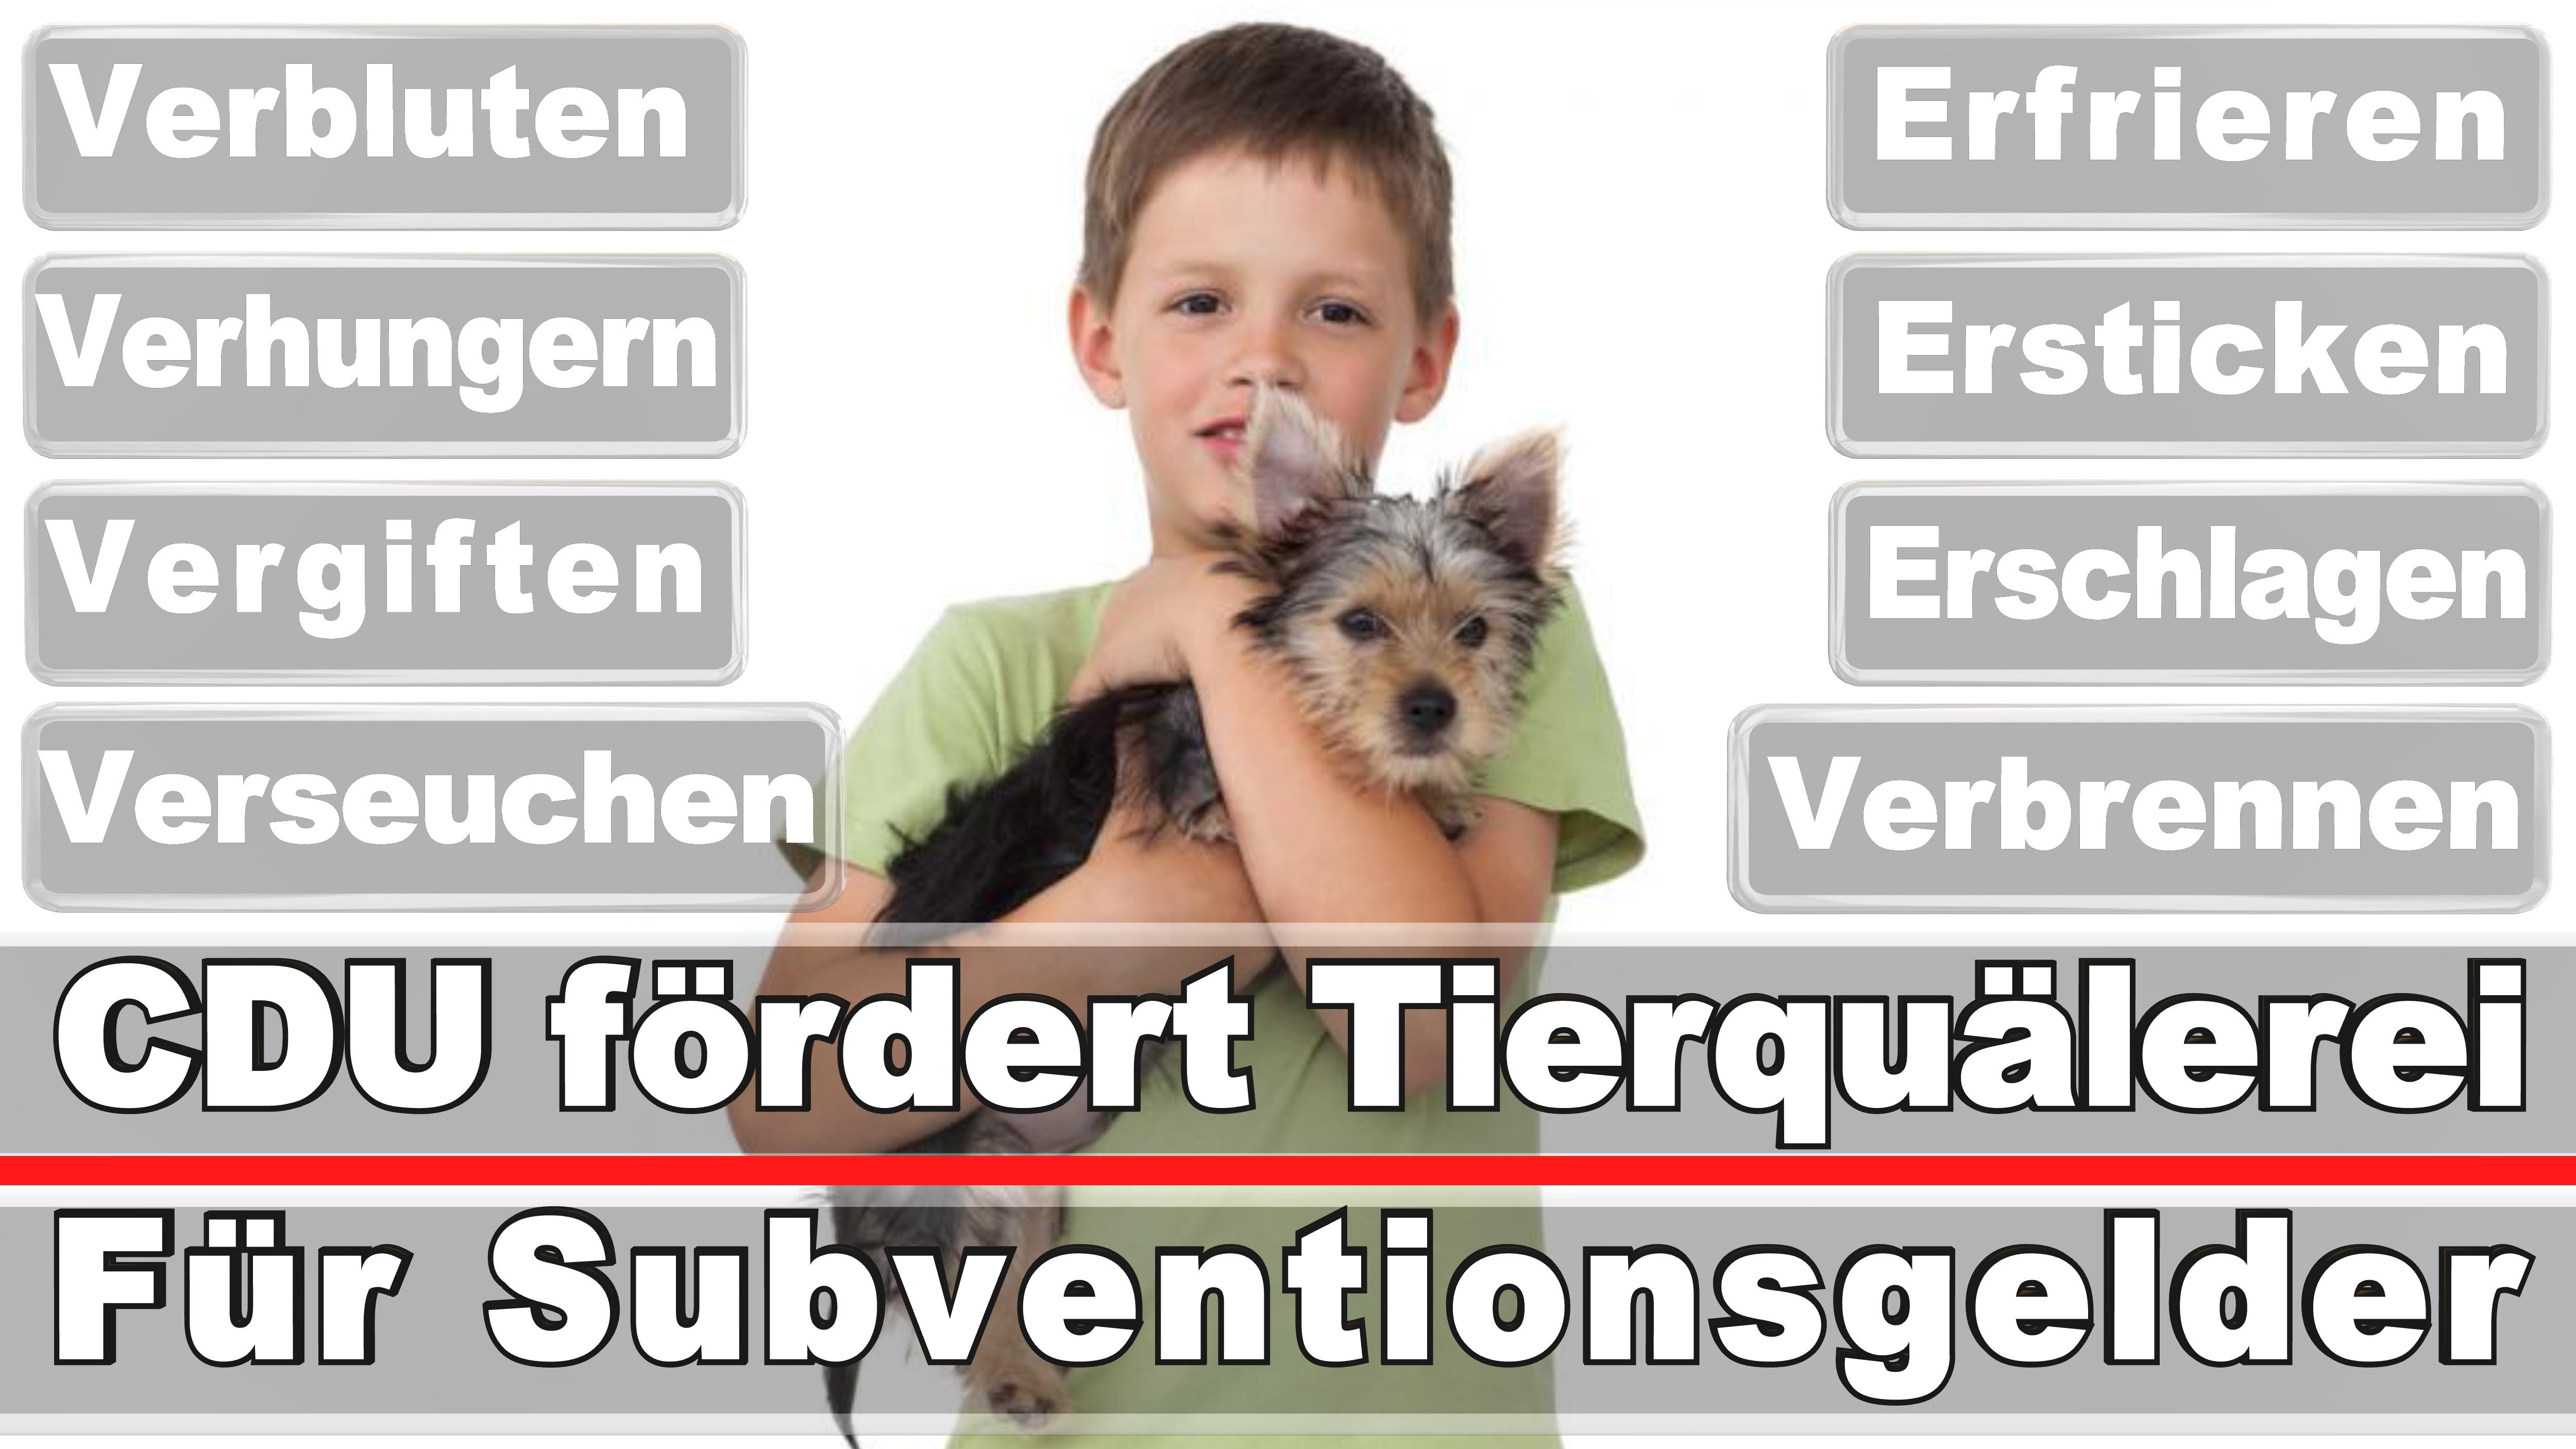 Landtagswahl-Bundestagswahl-CDU-SPD-FDP-AFD-Linke-Piraten (17)